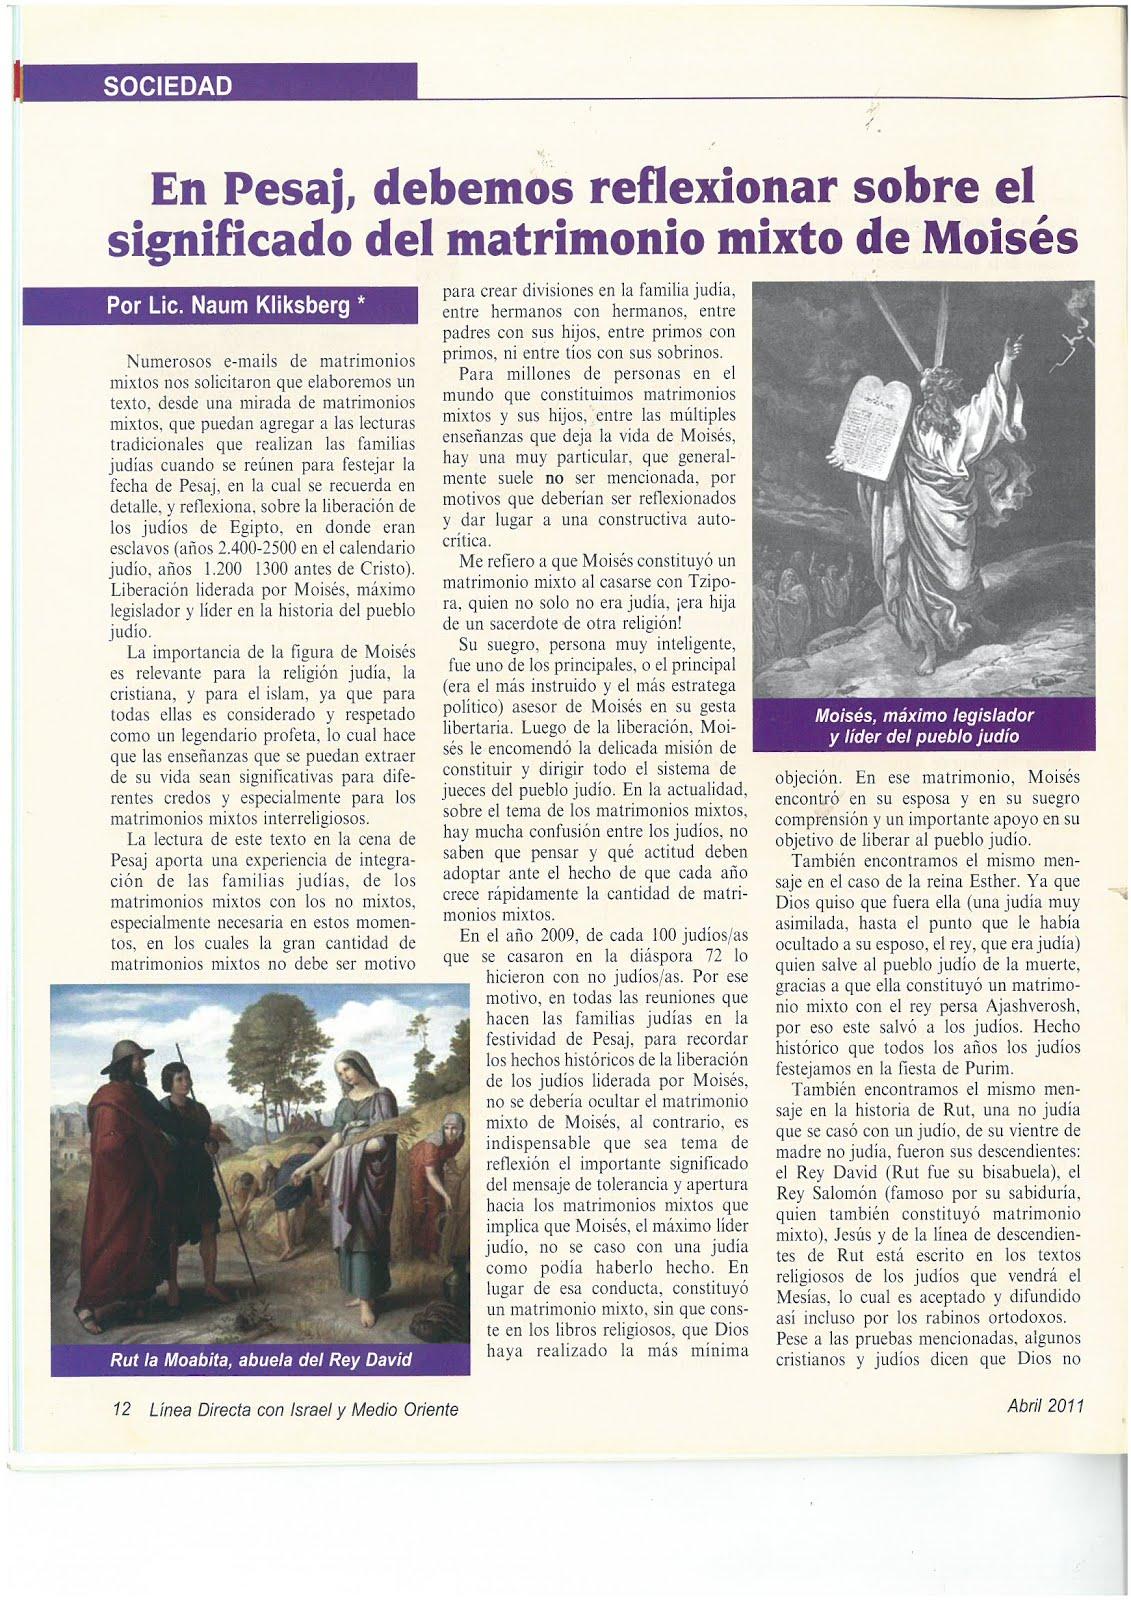 49 - Revista Israelí Linea Directa con Israel y Medio Oriente.04/2011. Artículo de Naum Kliksberg